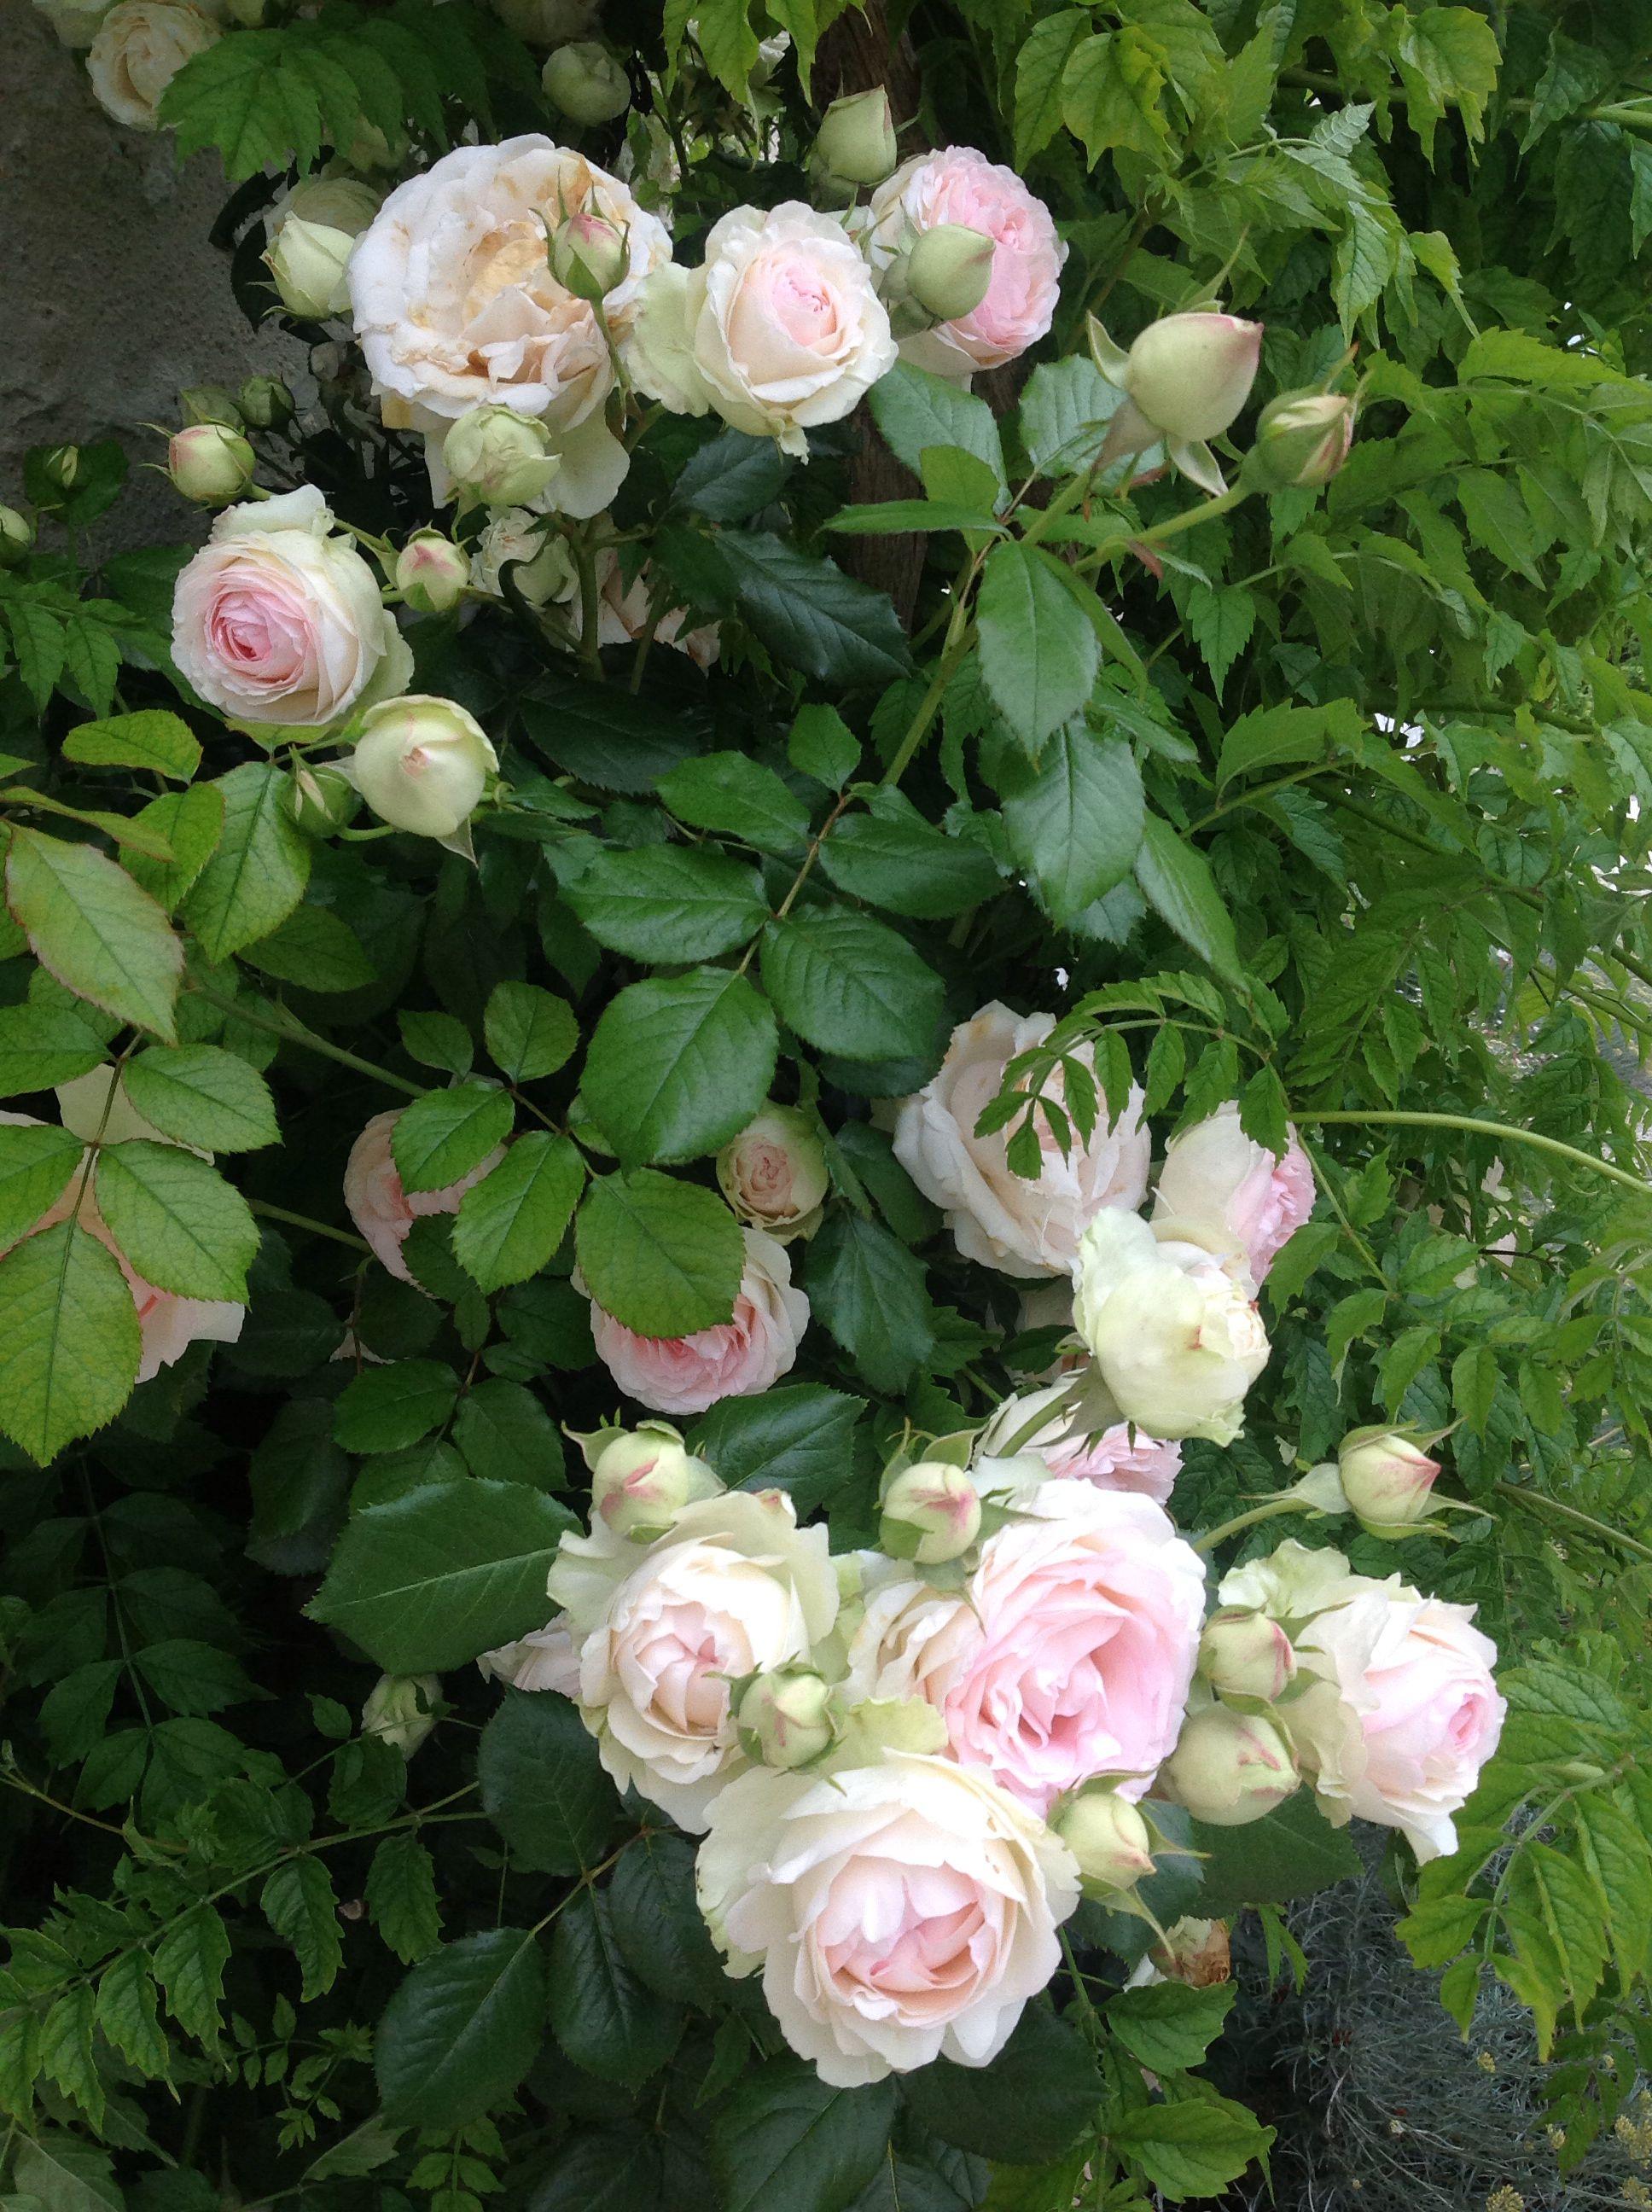 """Rosier """" Pierre de Ronsard"""" in my garden last spring. Розы"""